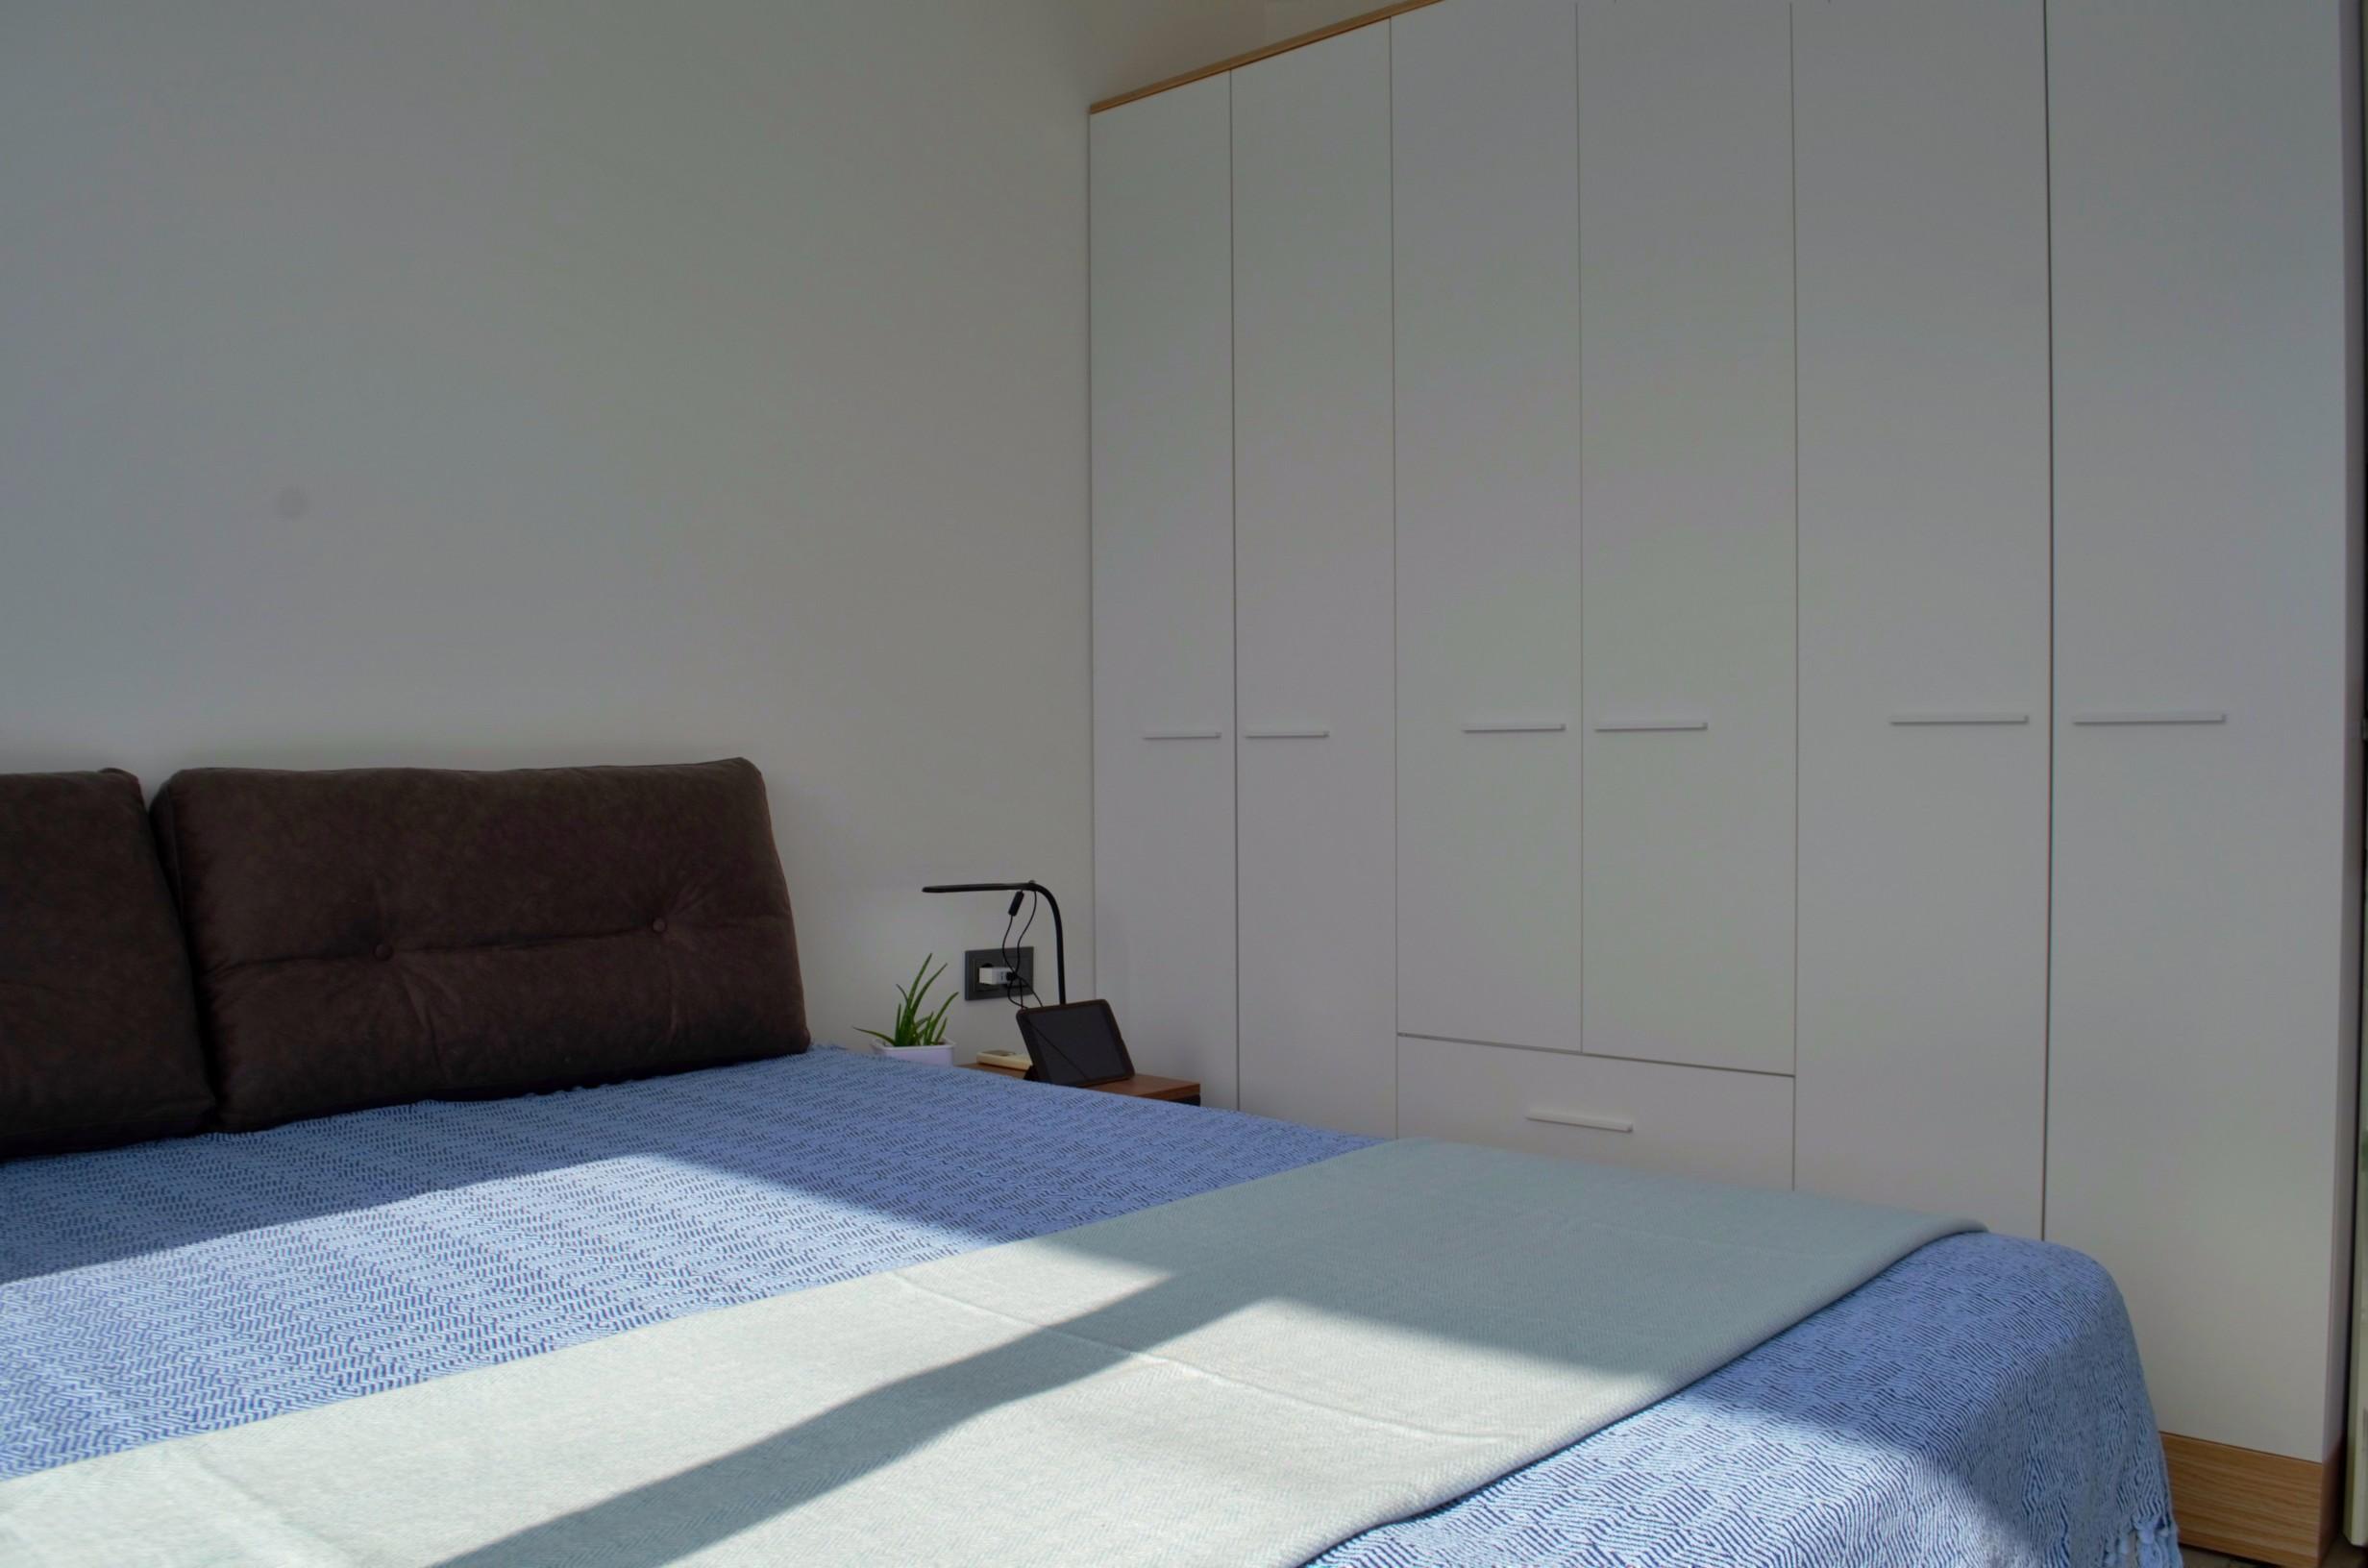 Меблированная квартира 1+1 в комплексе с инфраструктурой - Фото 13